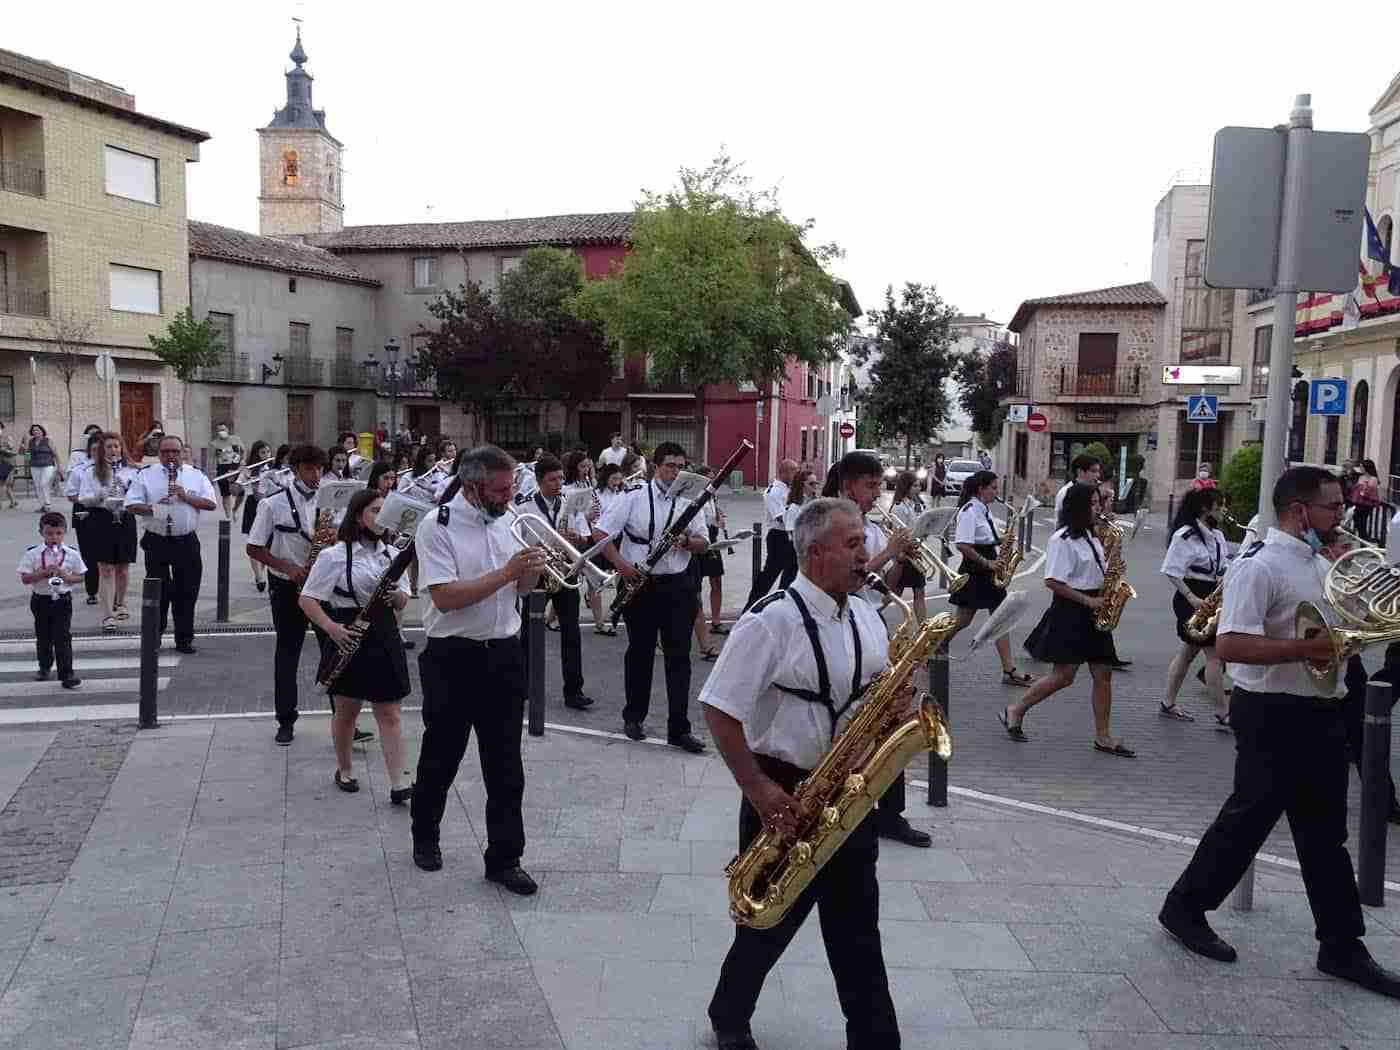 Quintanar inaugura sus fiestas patronales con un pasacalles de la Banda Sinfónica Municipal 9